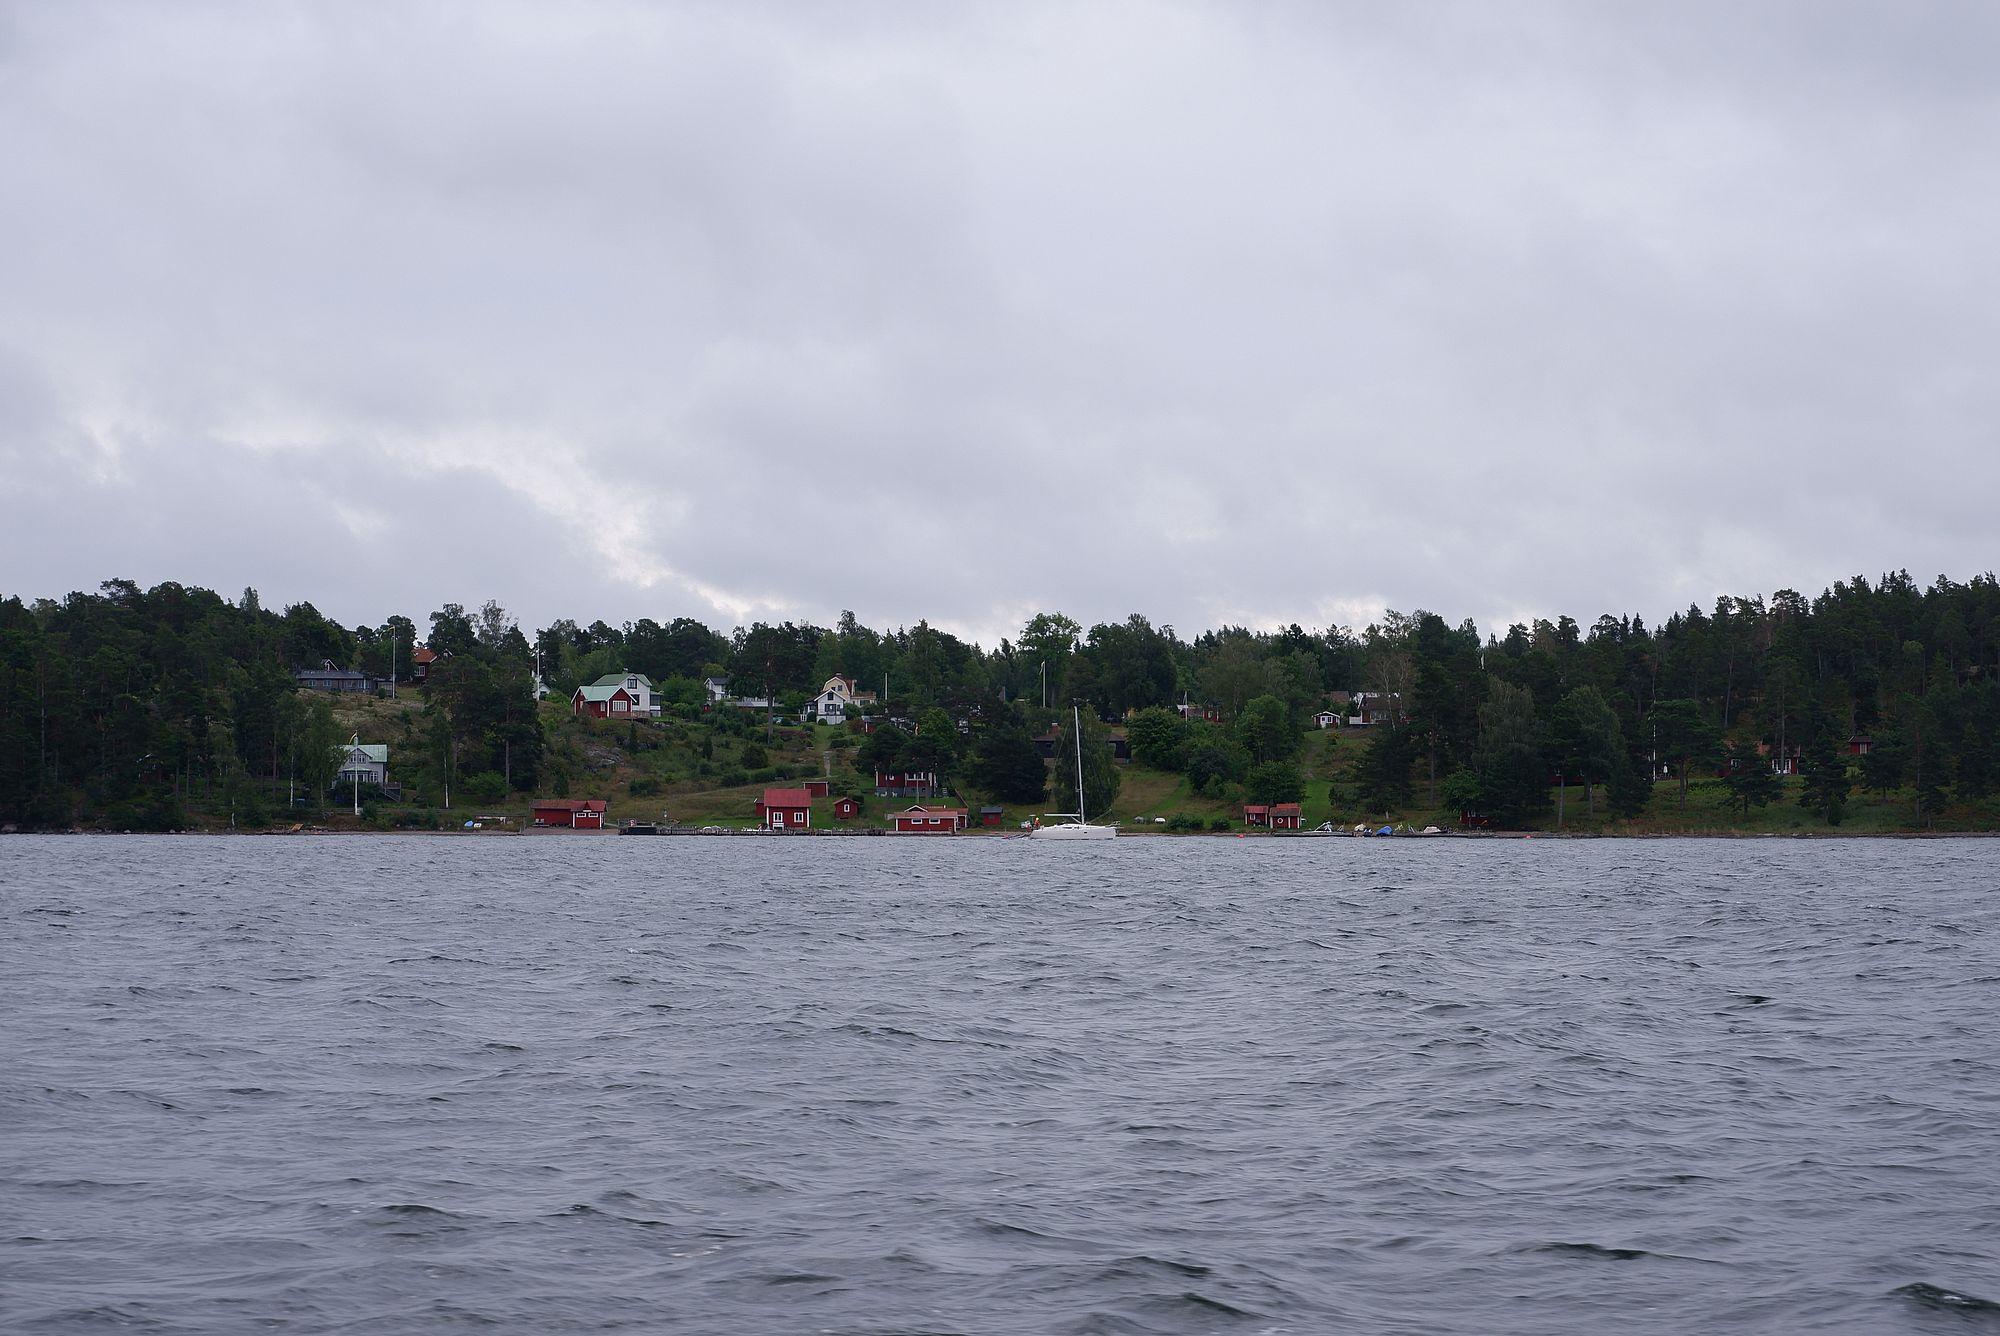 Petites maisons en bois rouge sur les îles autour de nous